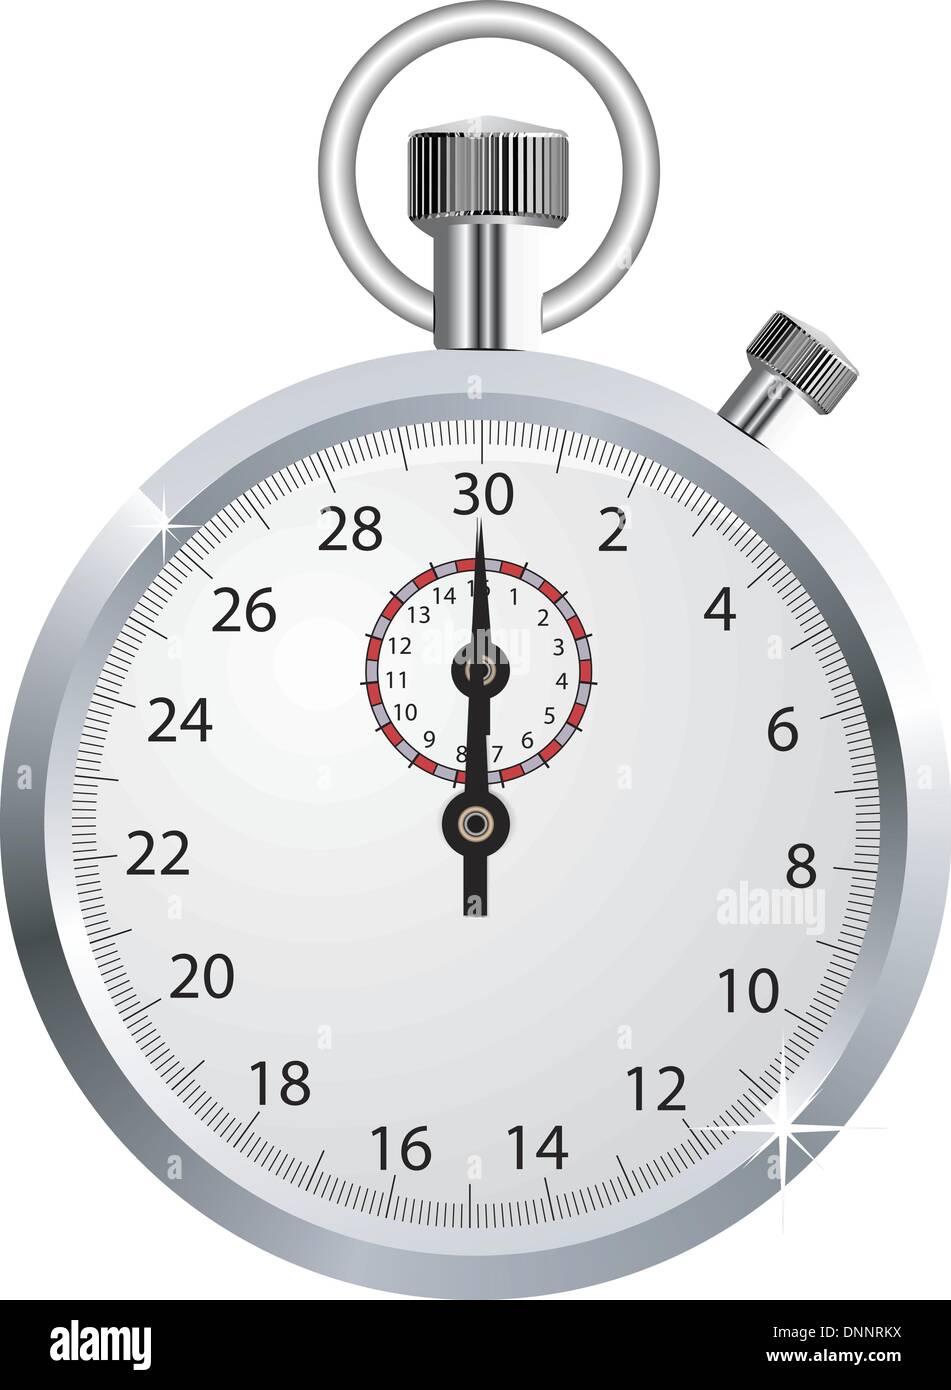 Cronómetro de vectores Imagen De Stock